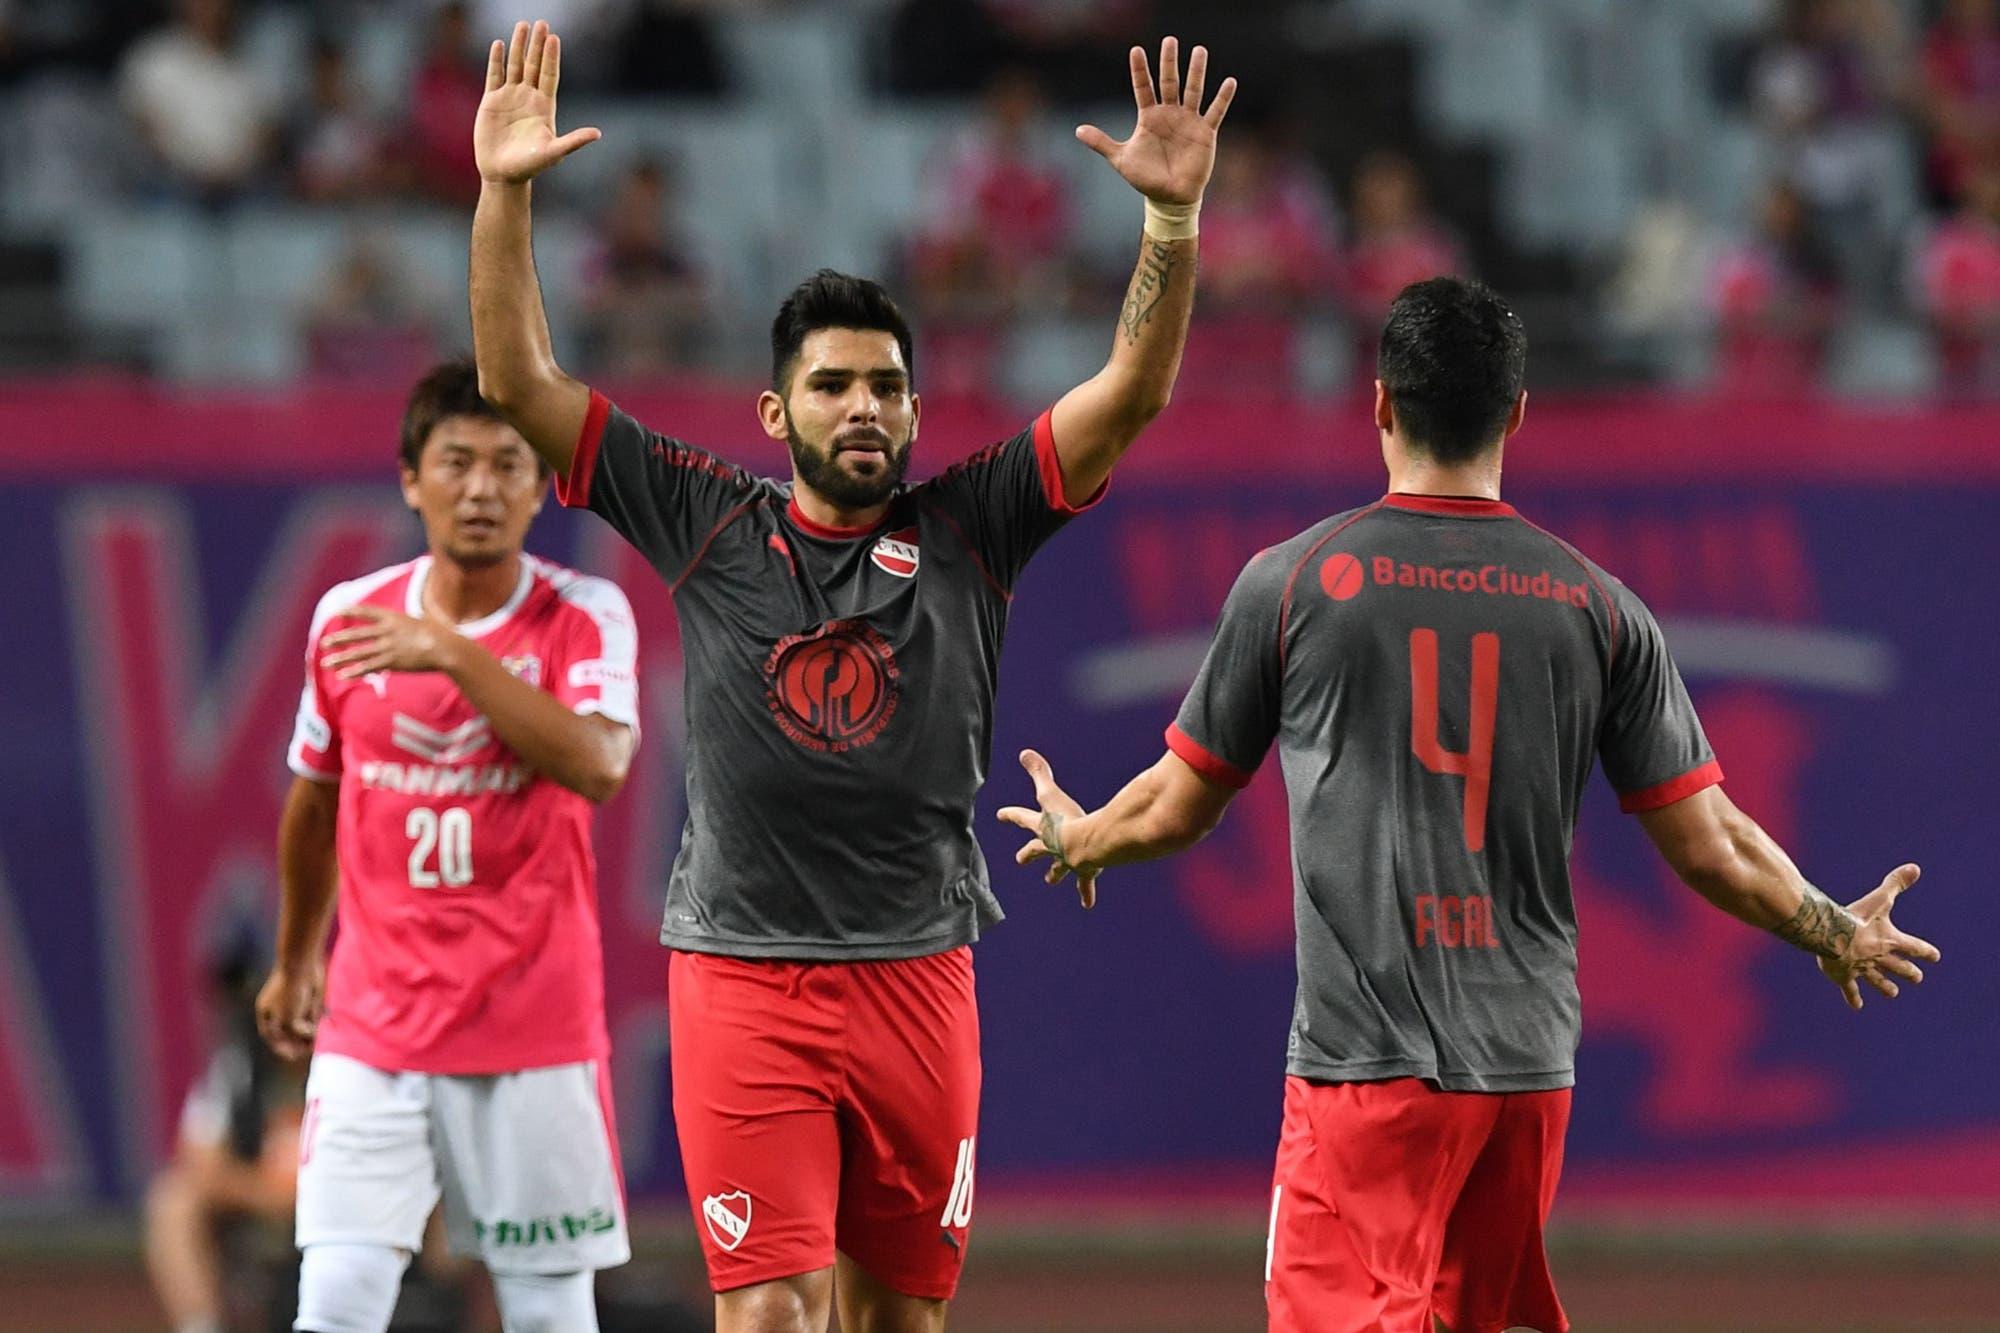 Independiente-Cerezo Osaka, por la Copa Suruga Bank: el video del gol de Silvio Romero